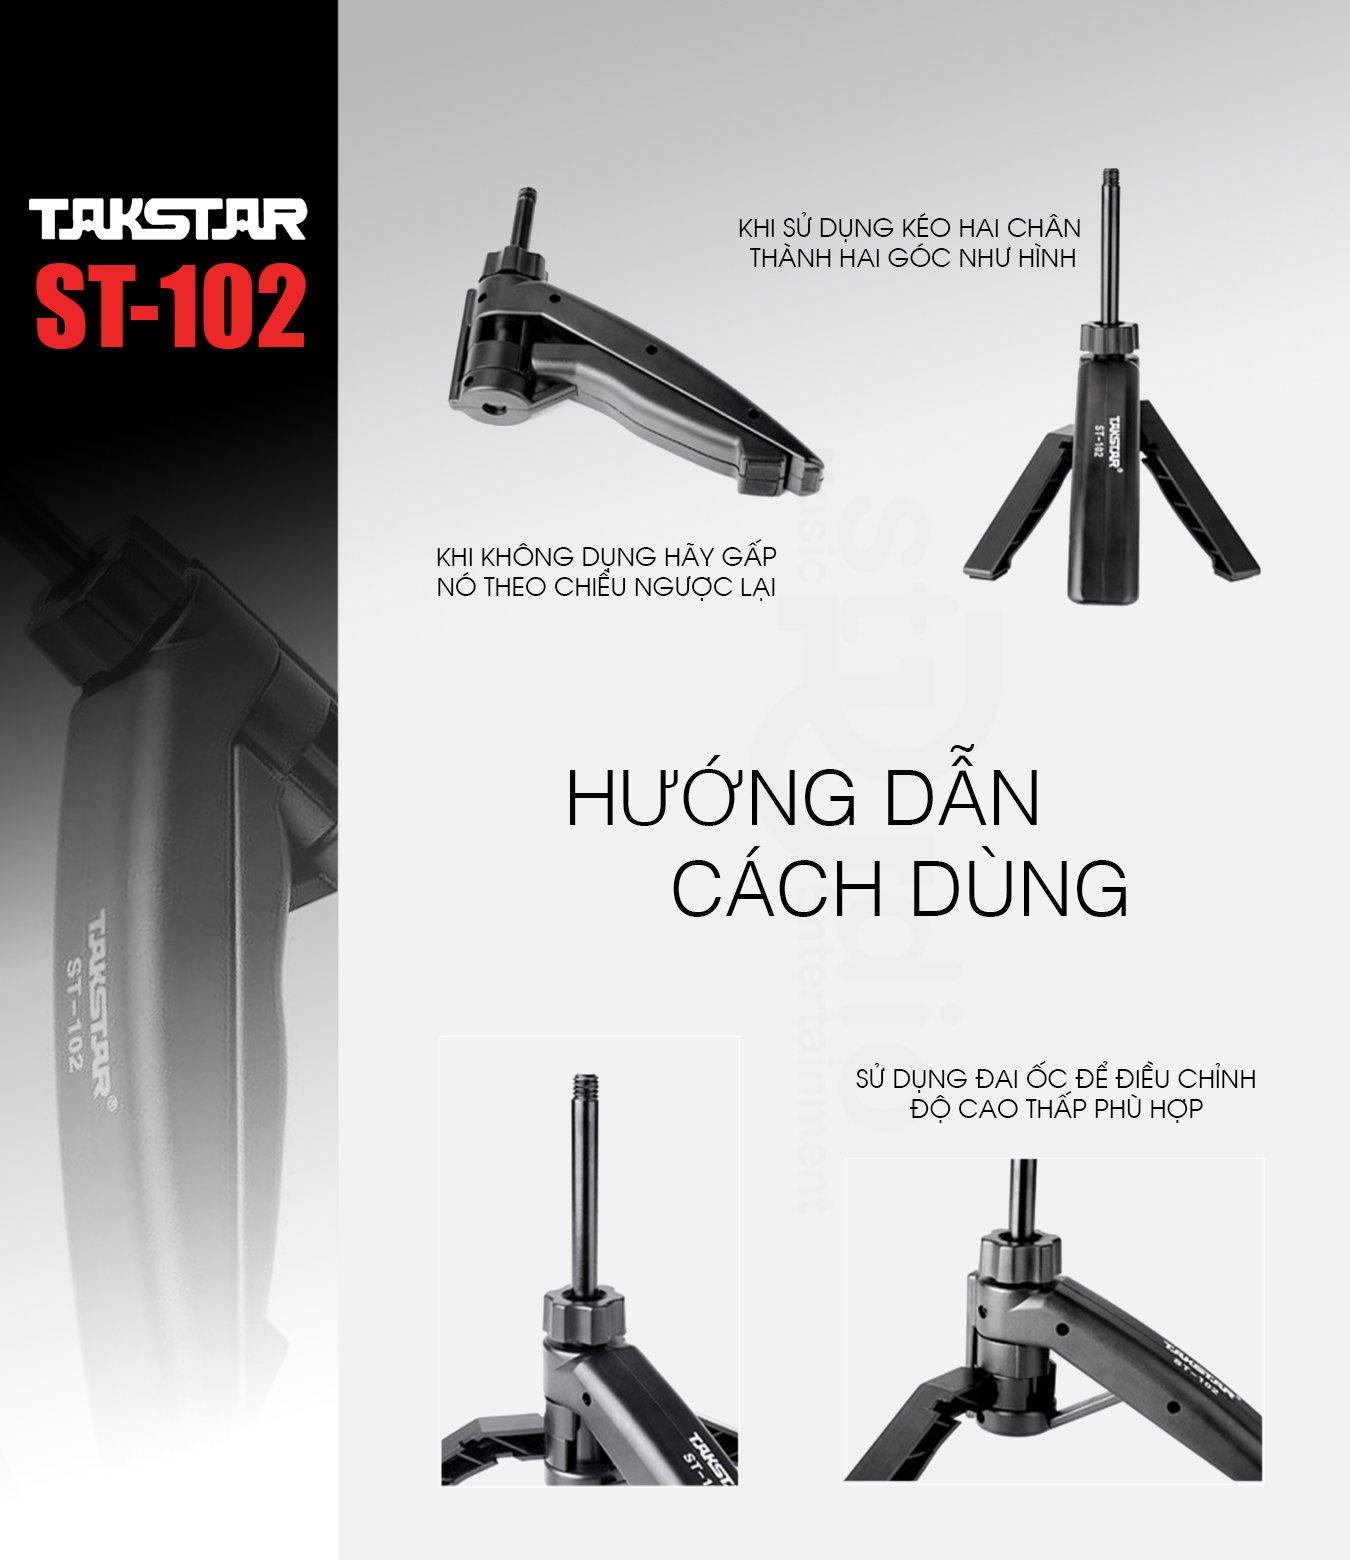 Chân để bàn Micro thu âm Takstar ST-102, thiết kế gọn nhỏ dễ dàng sử dụng